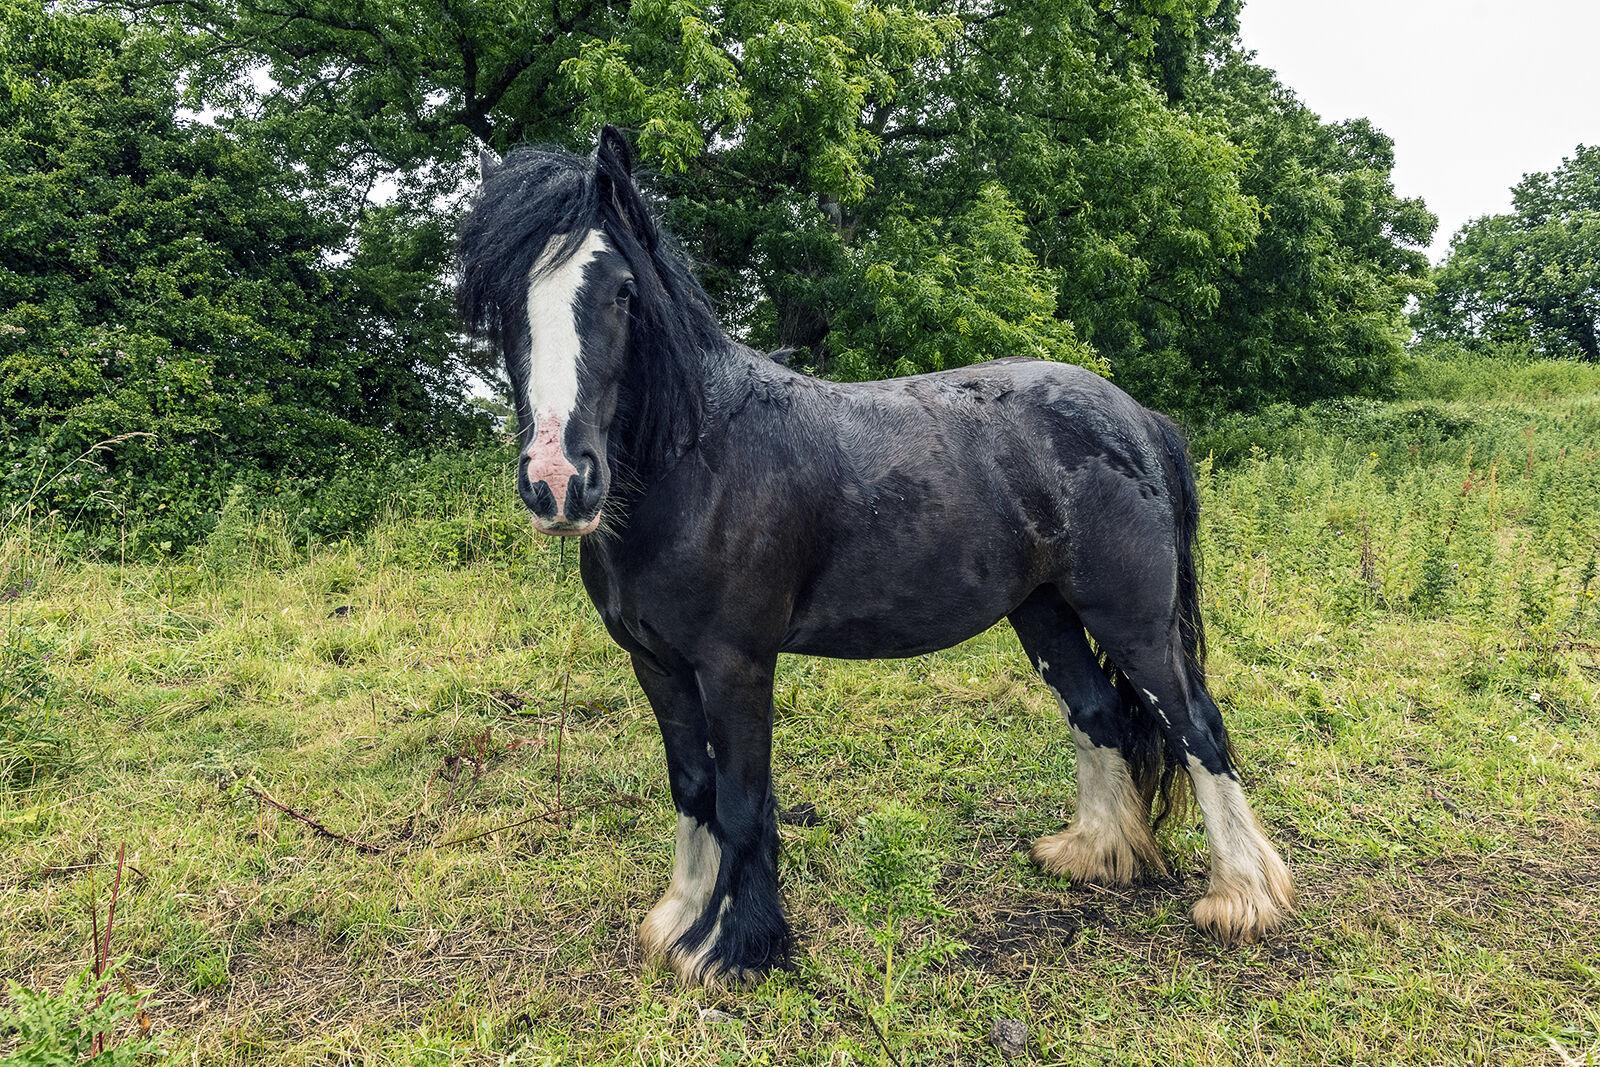 Gypsy Horse, Galway, Ireland 2019